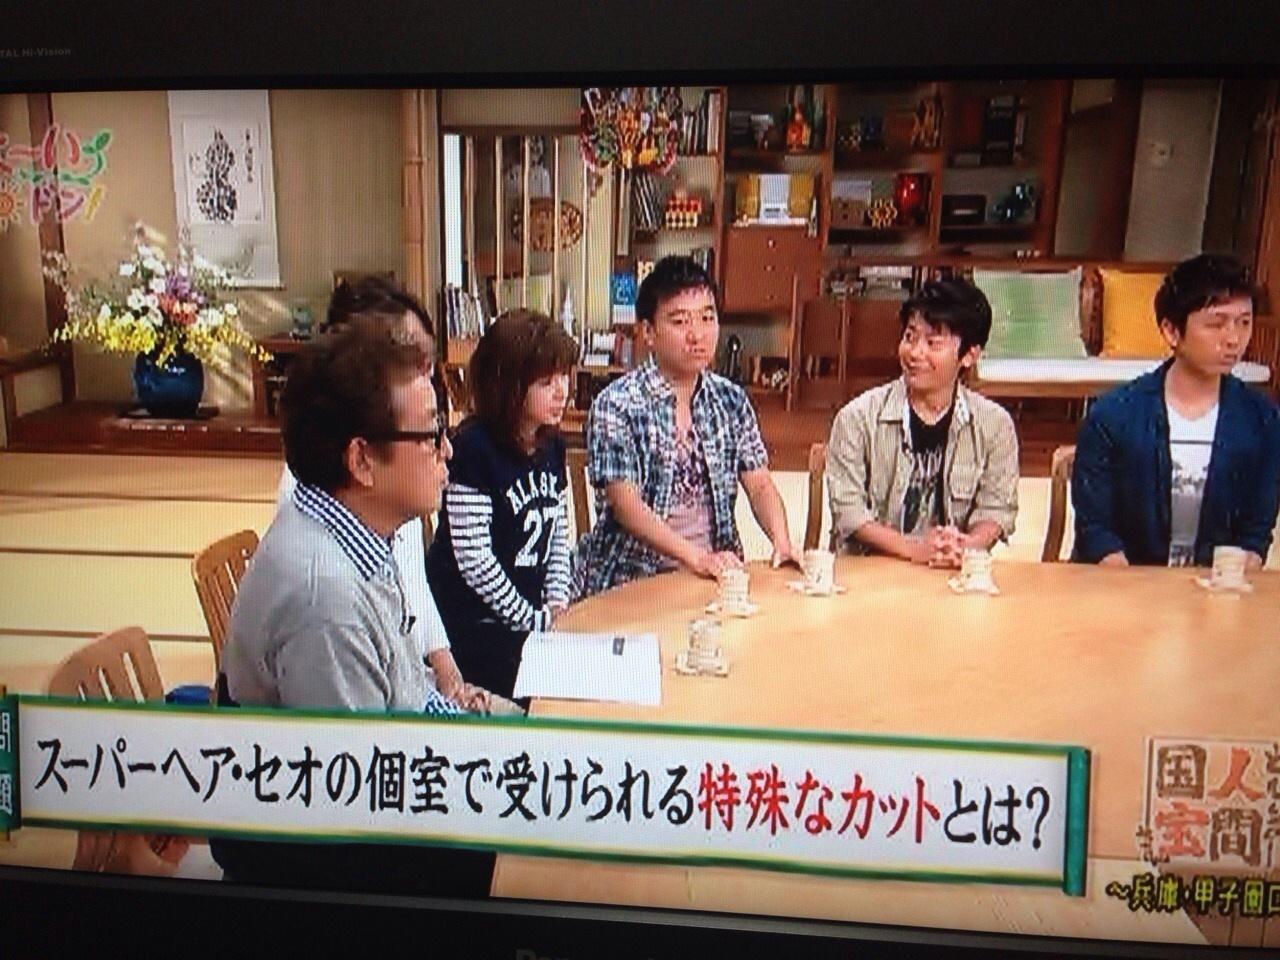 関西テレビ よーいドンに再登場!!_f0115763_16094388.jpg